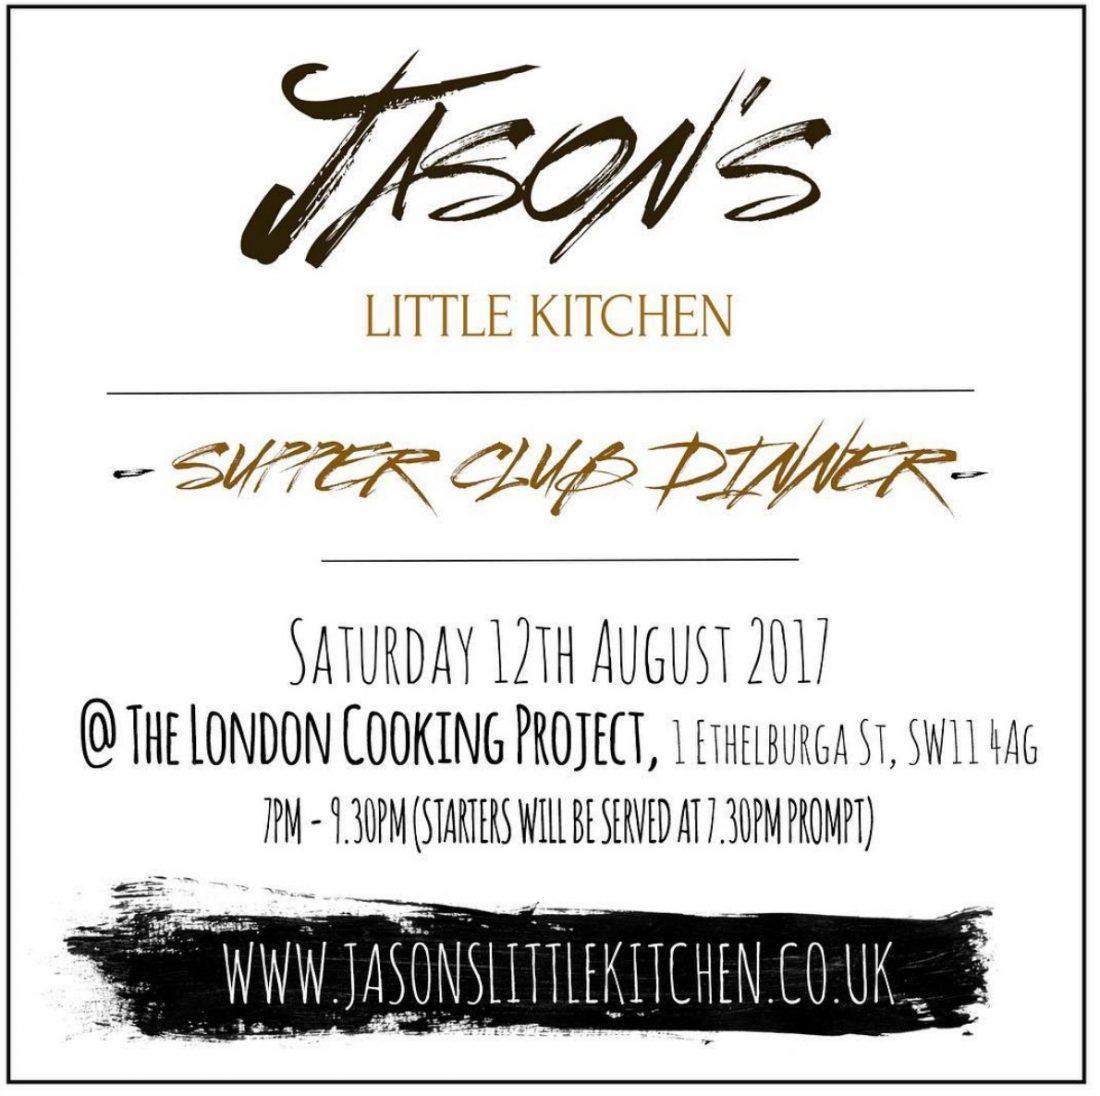 Get tickets to the next Jason's Little Kitchen